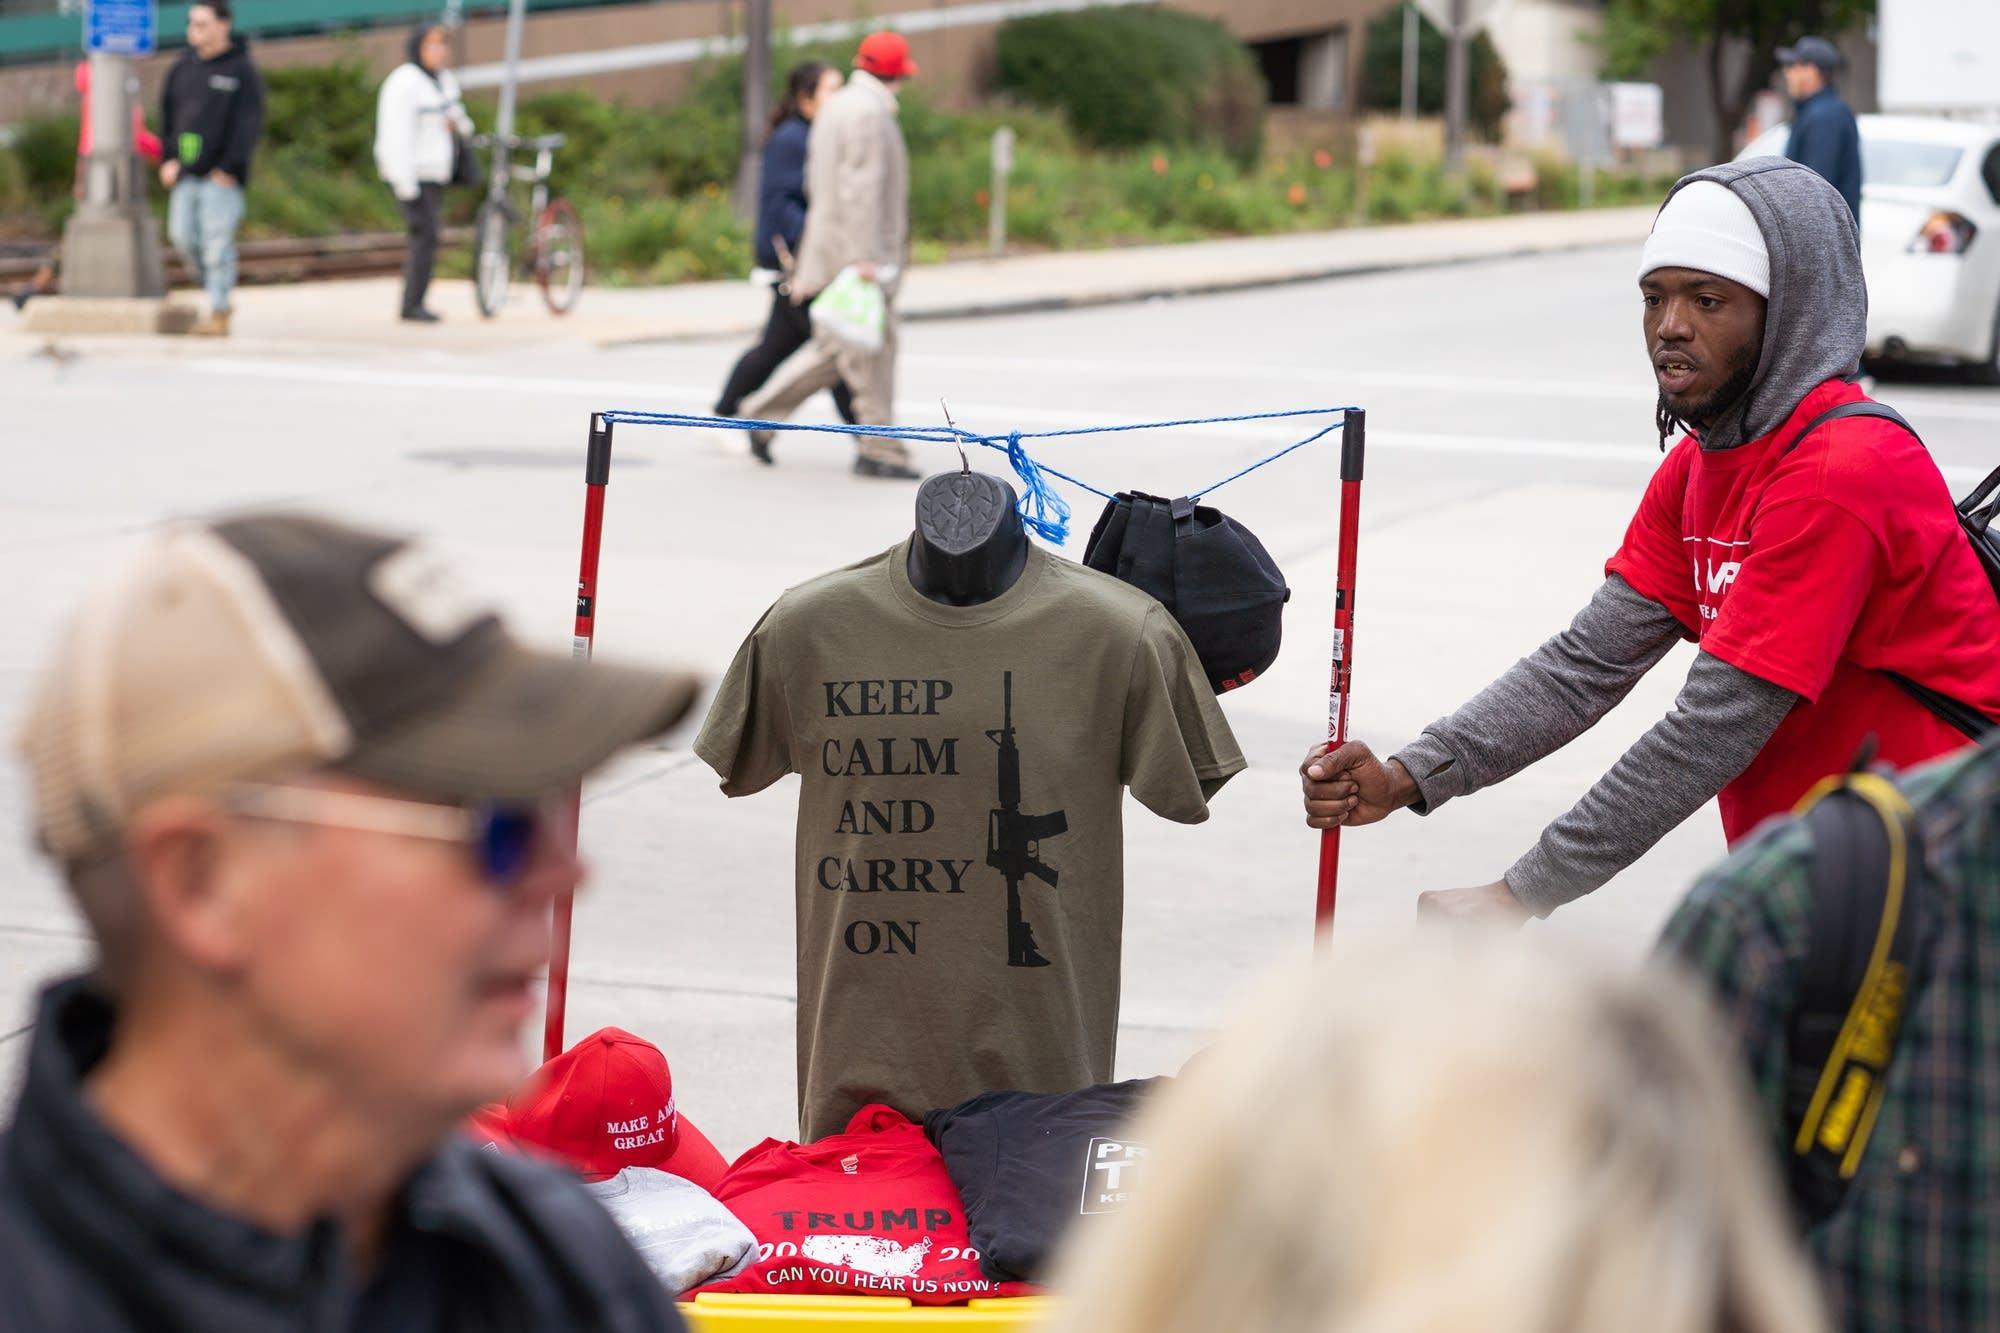 A vendor pushes a cart of Trump merchandise.